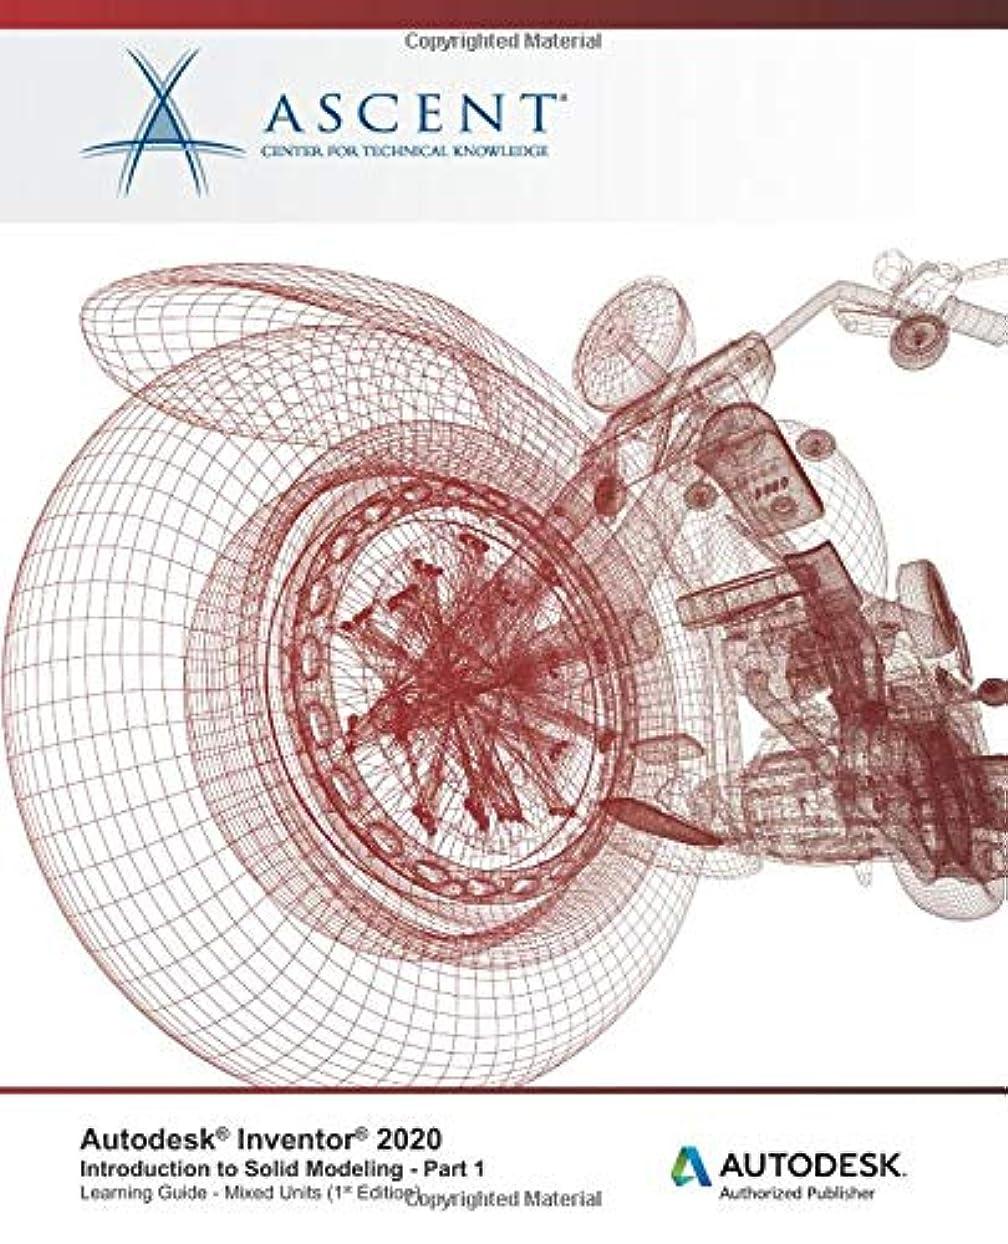 おばさんクレーター二Autodesk Inventor 2020: Introduction to Solid Modeling (Mixed Units) - Part 1: Autodesk Authorized Publisher